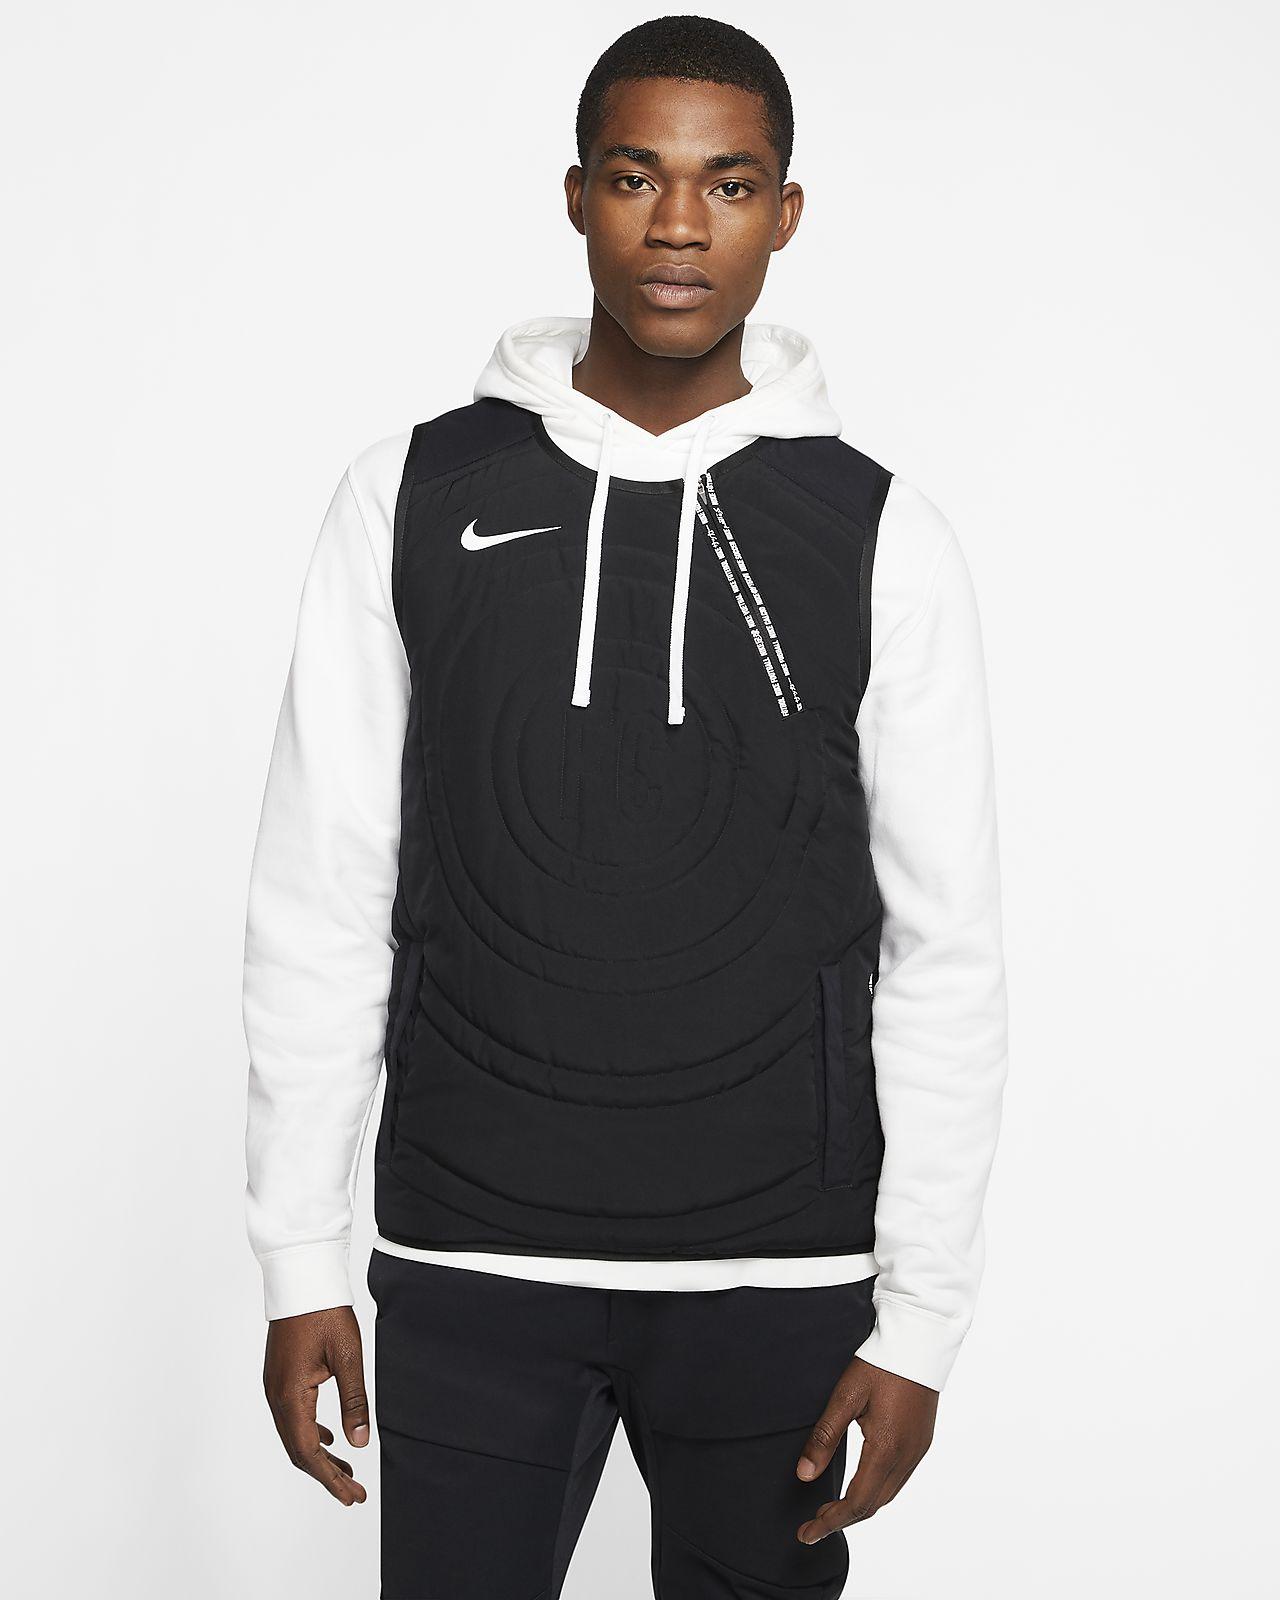 Kleidung & Accessoires Nike Core Vest Herren Sport Fitness